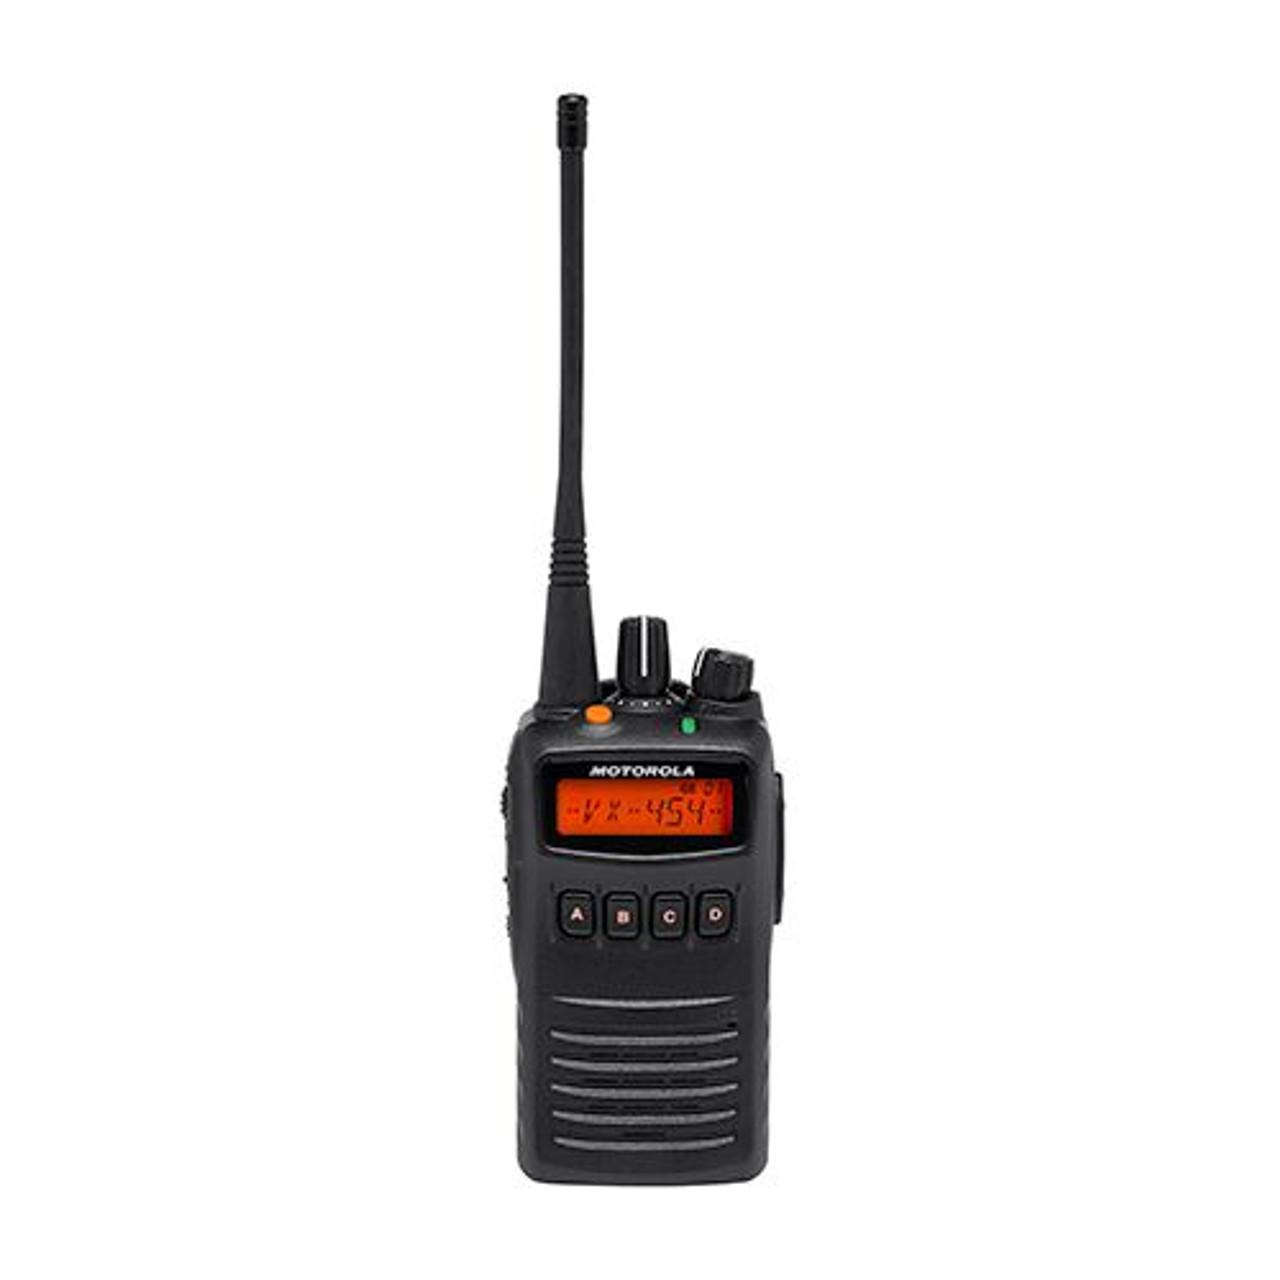 Motorola ISVX-454 Series 5 Watt UHF or VHF Two Way Radio